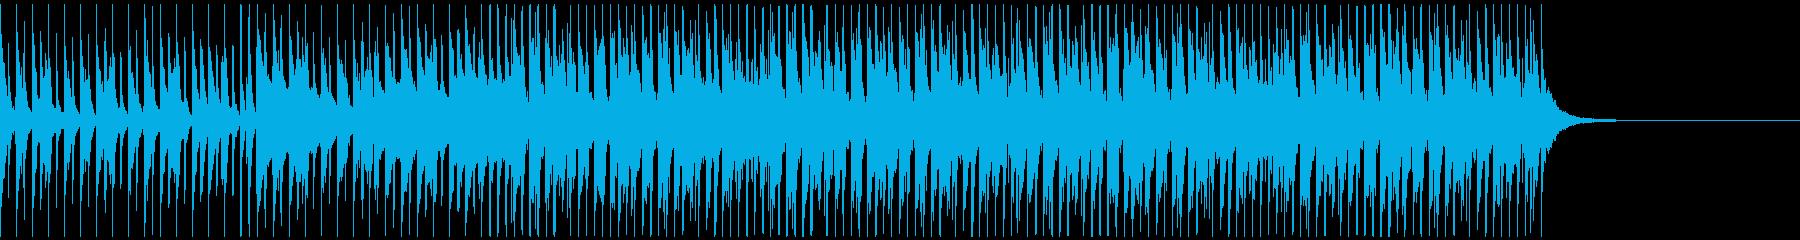 コーラス&アコースティックバンドPOPの再生済みの波形